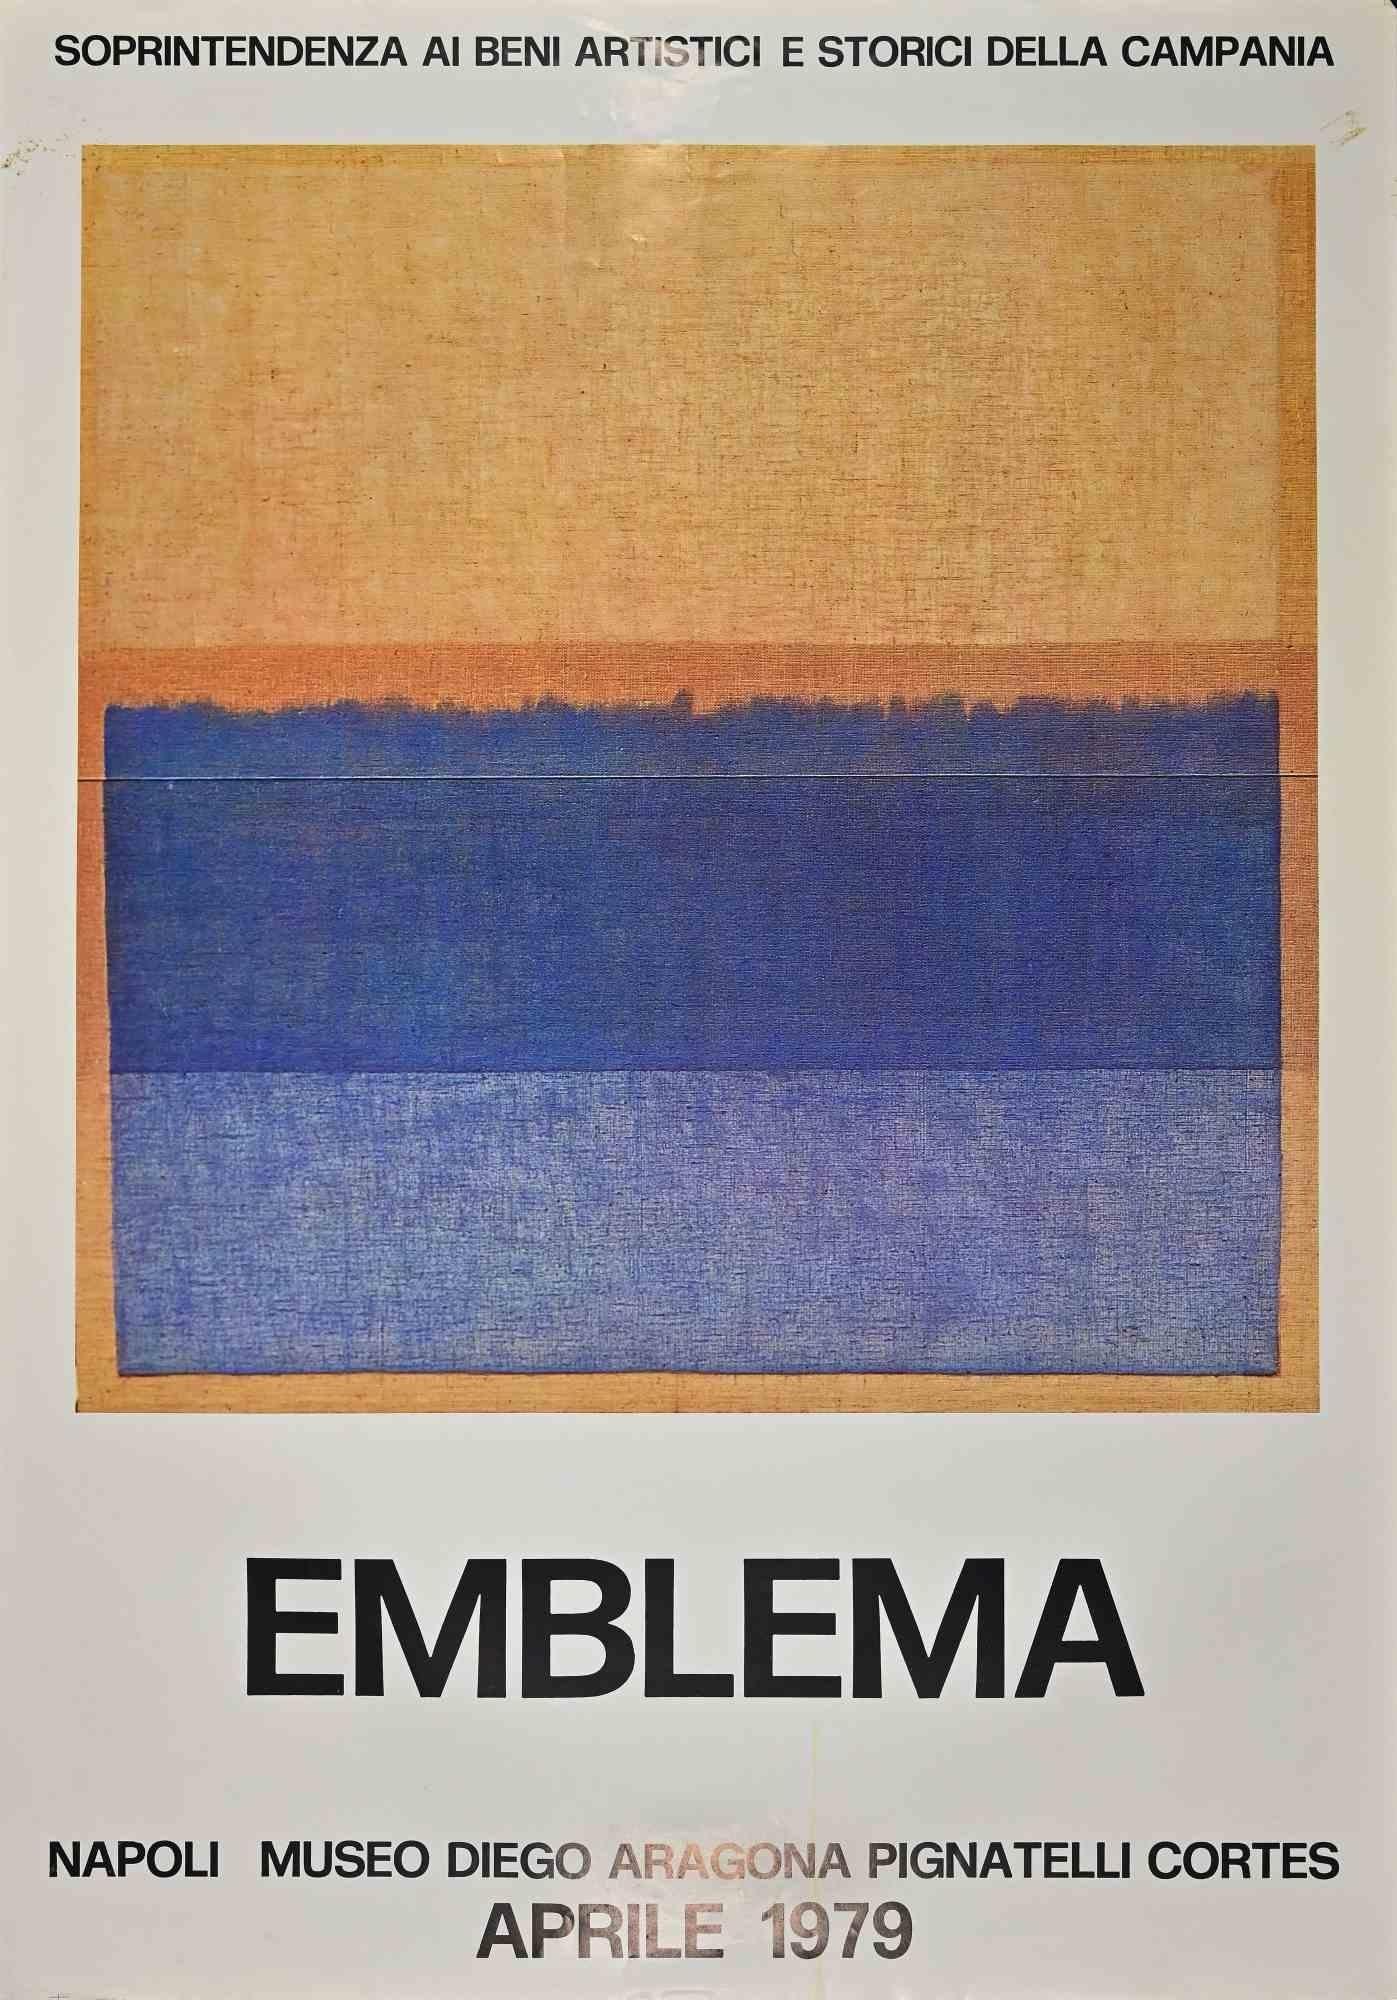 Emblema - Vintage Poster - 1979